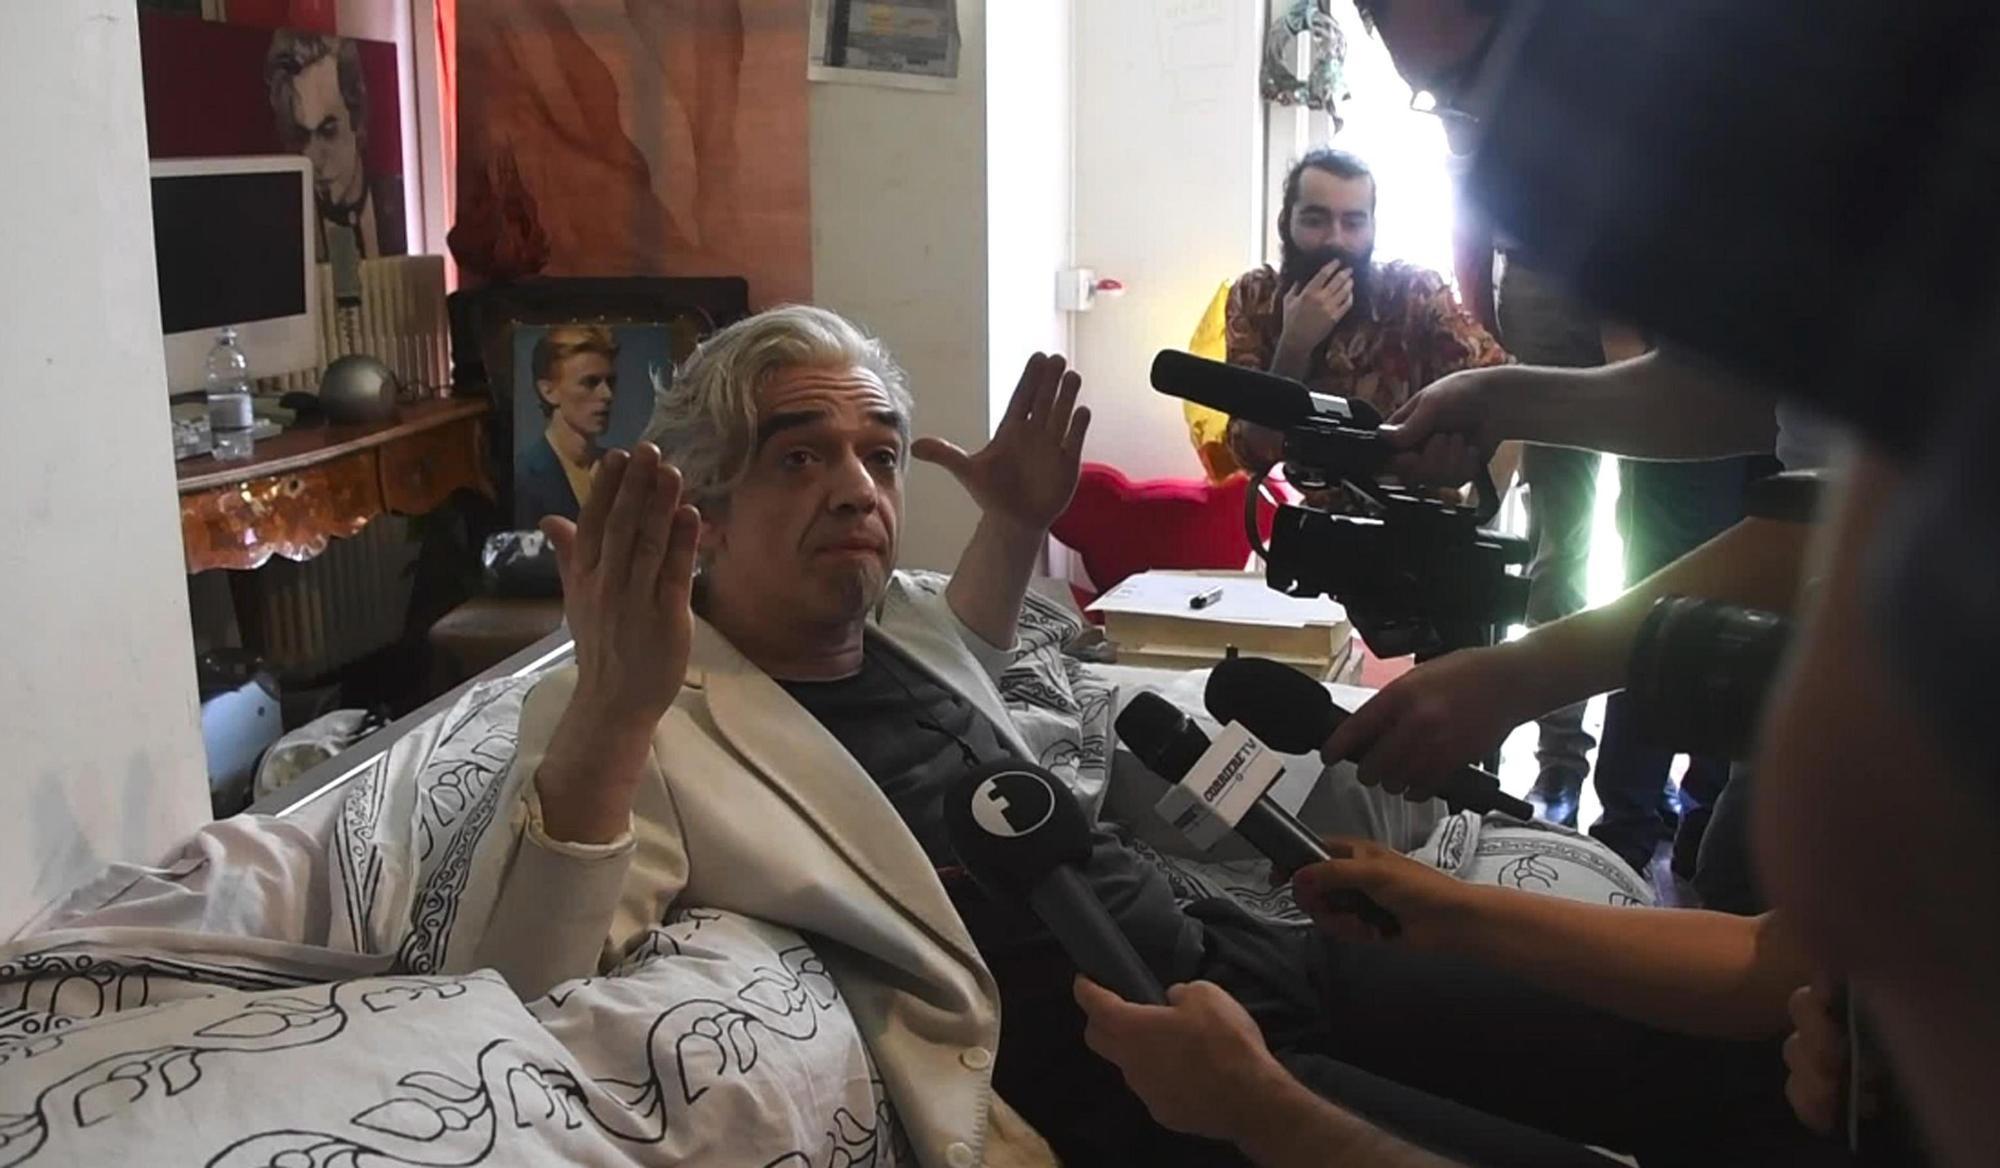 Morgan resta ancora nella sua casa: sfratto rinviato per motivi di salute